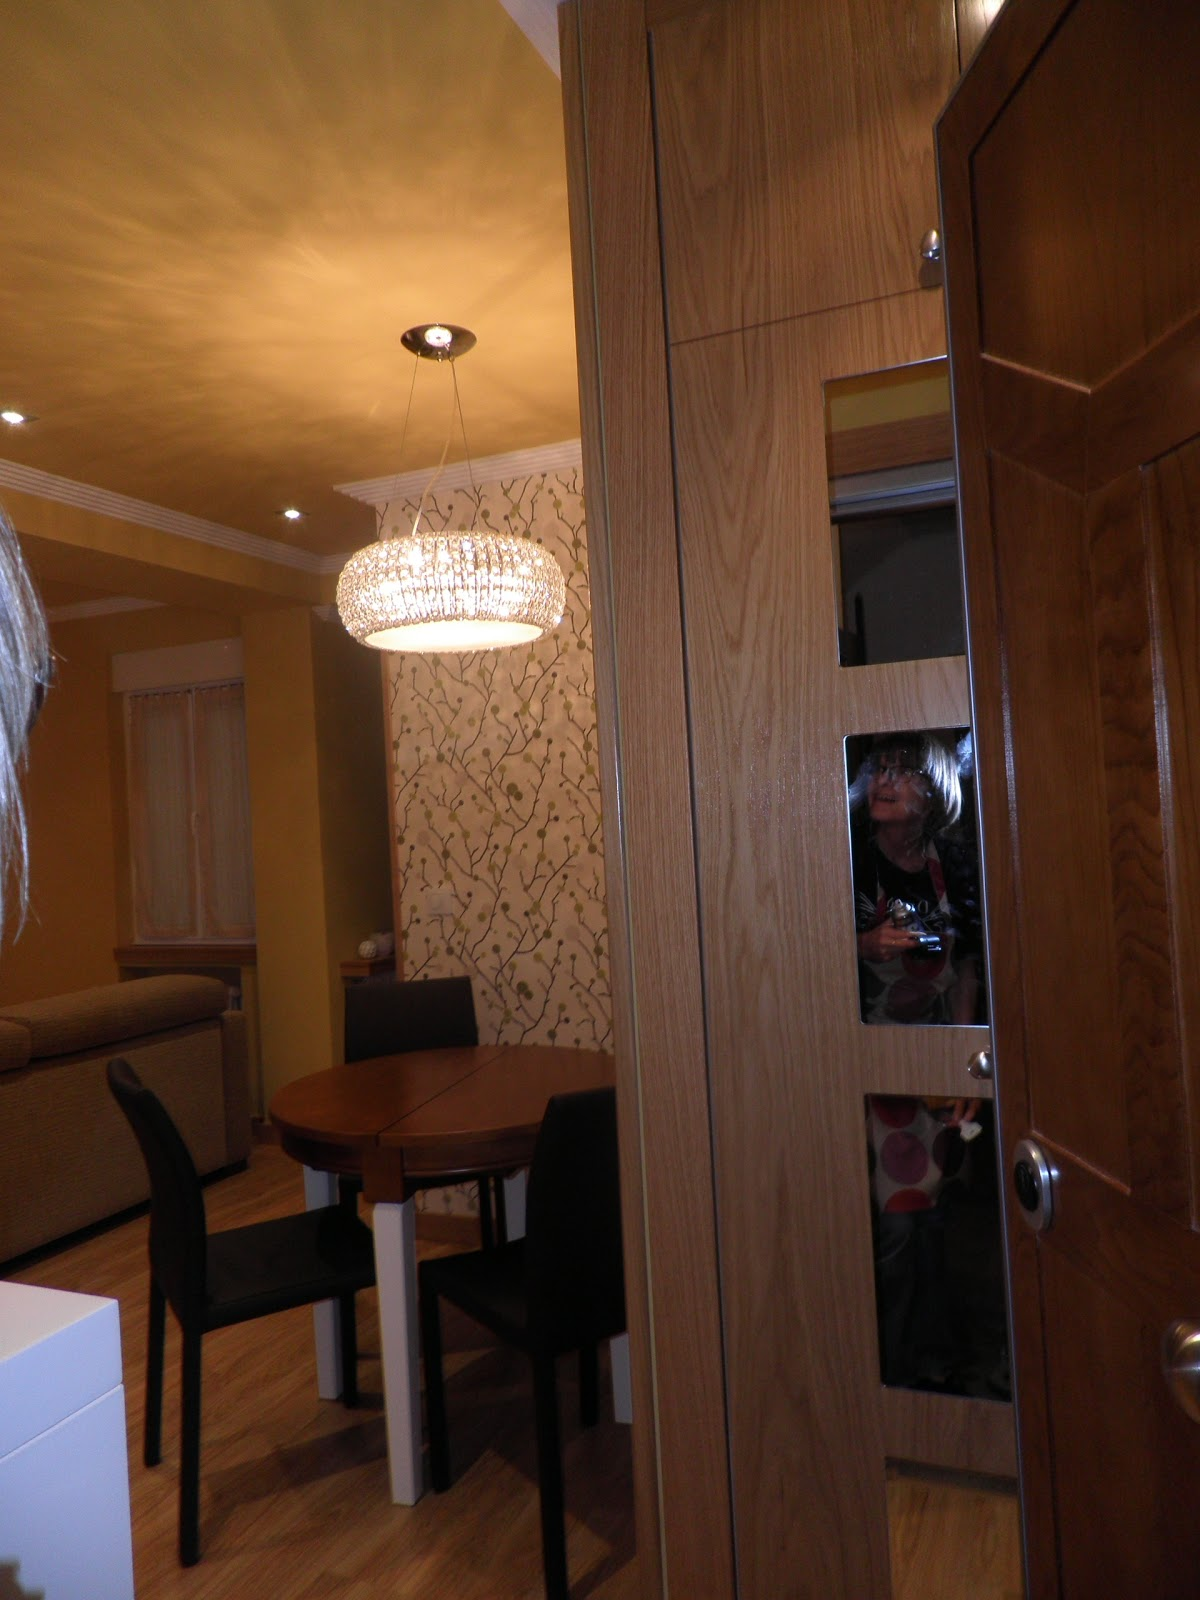 Interiorismo y decoracion lola torga espacios peque os for Muebles de salon para pequenos espacios